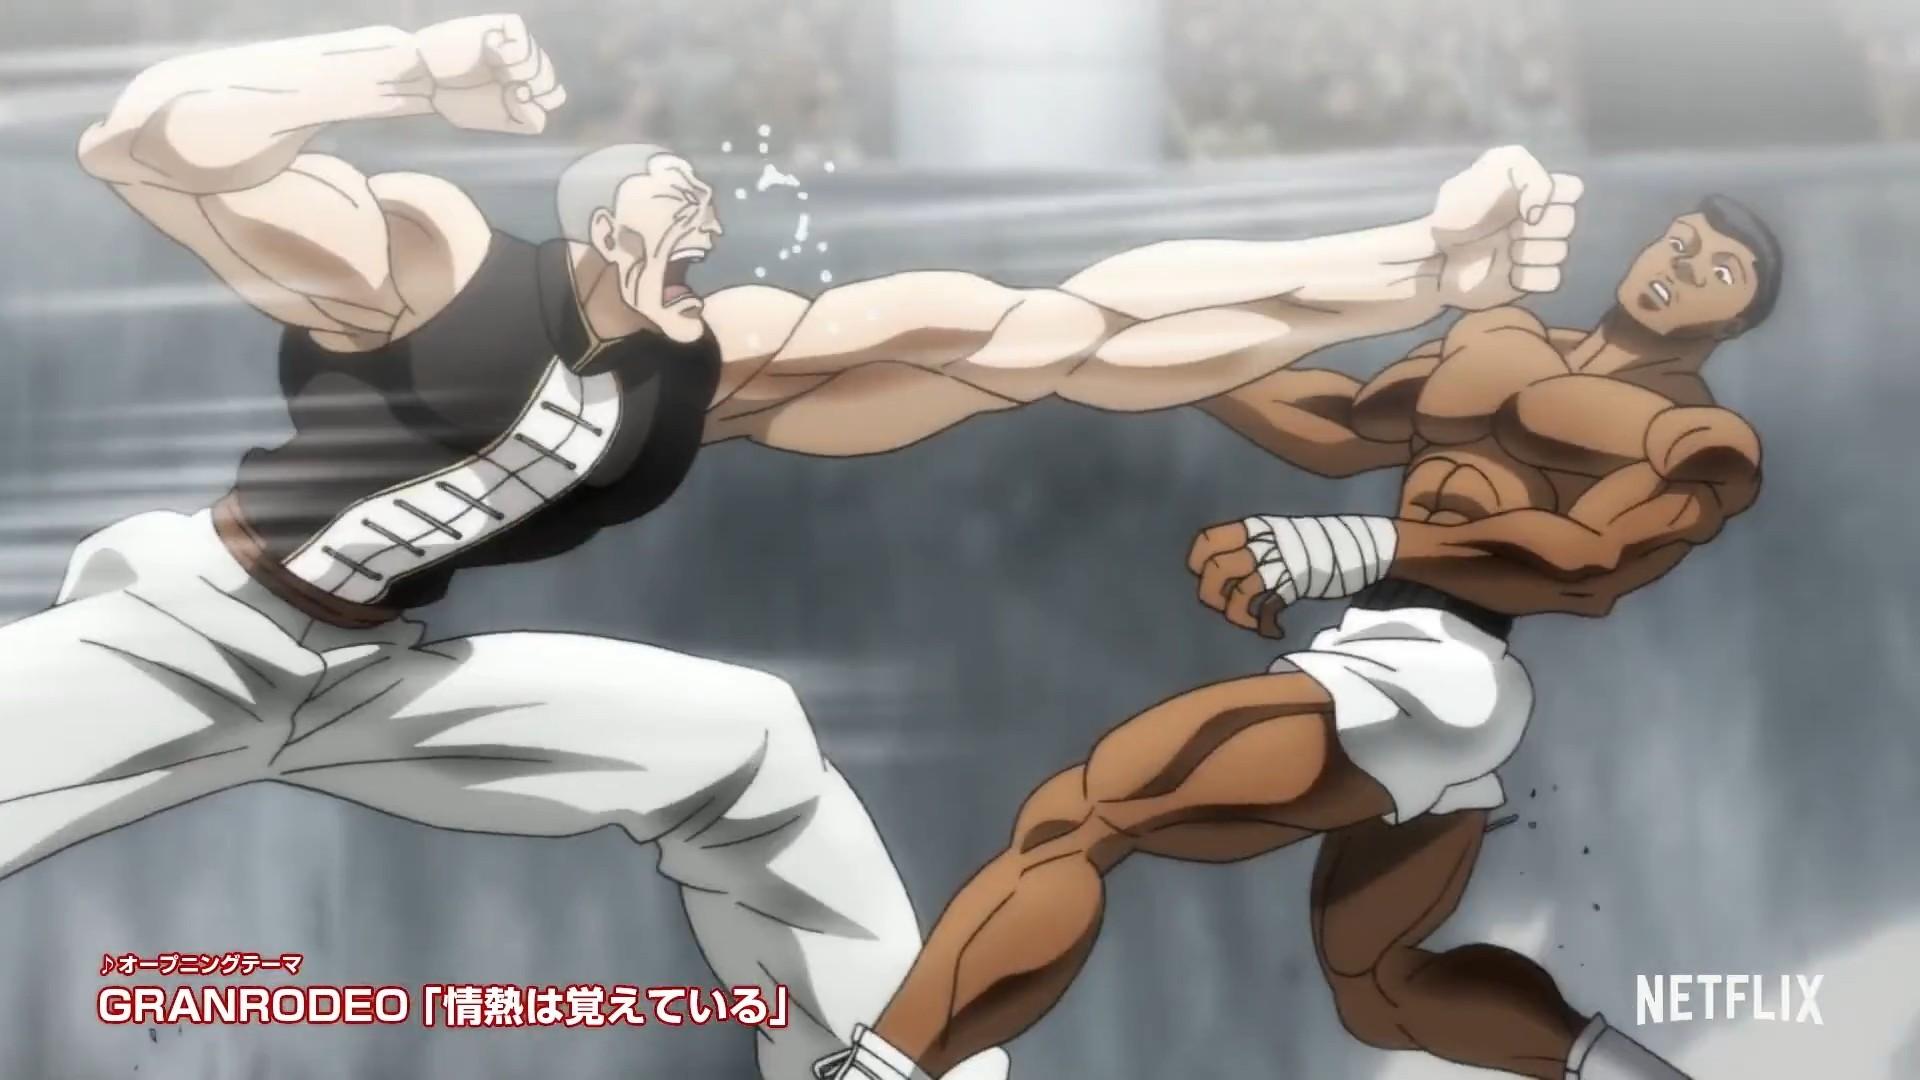 网飞动画「刃牙」第二季大擂台赛篇 正式PV公开,6月4日开播